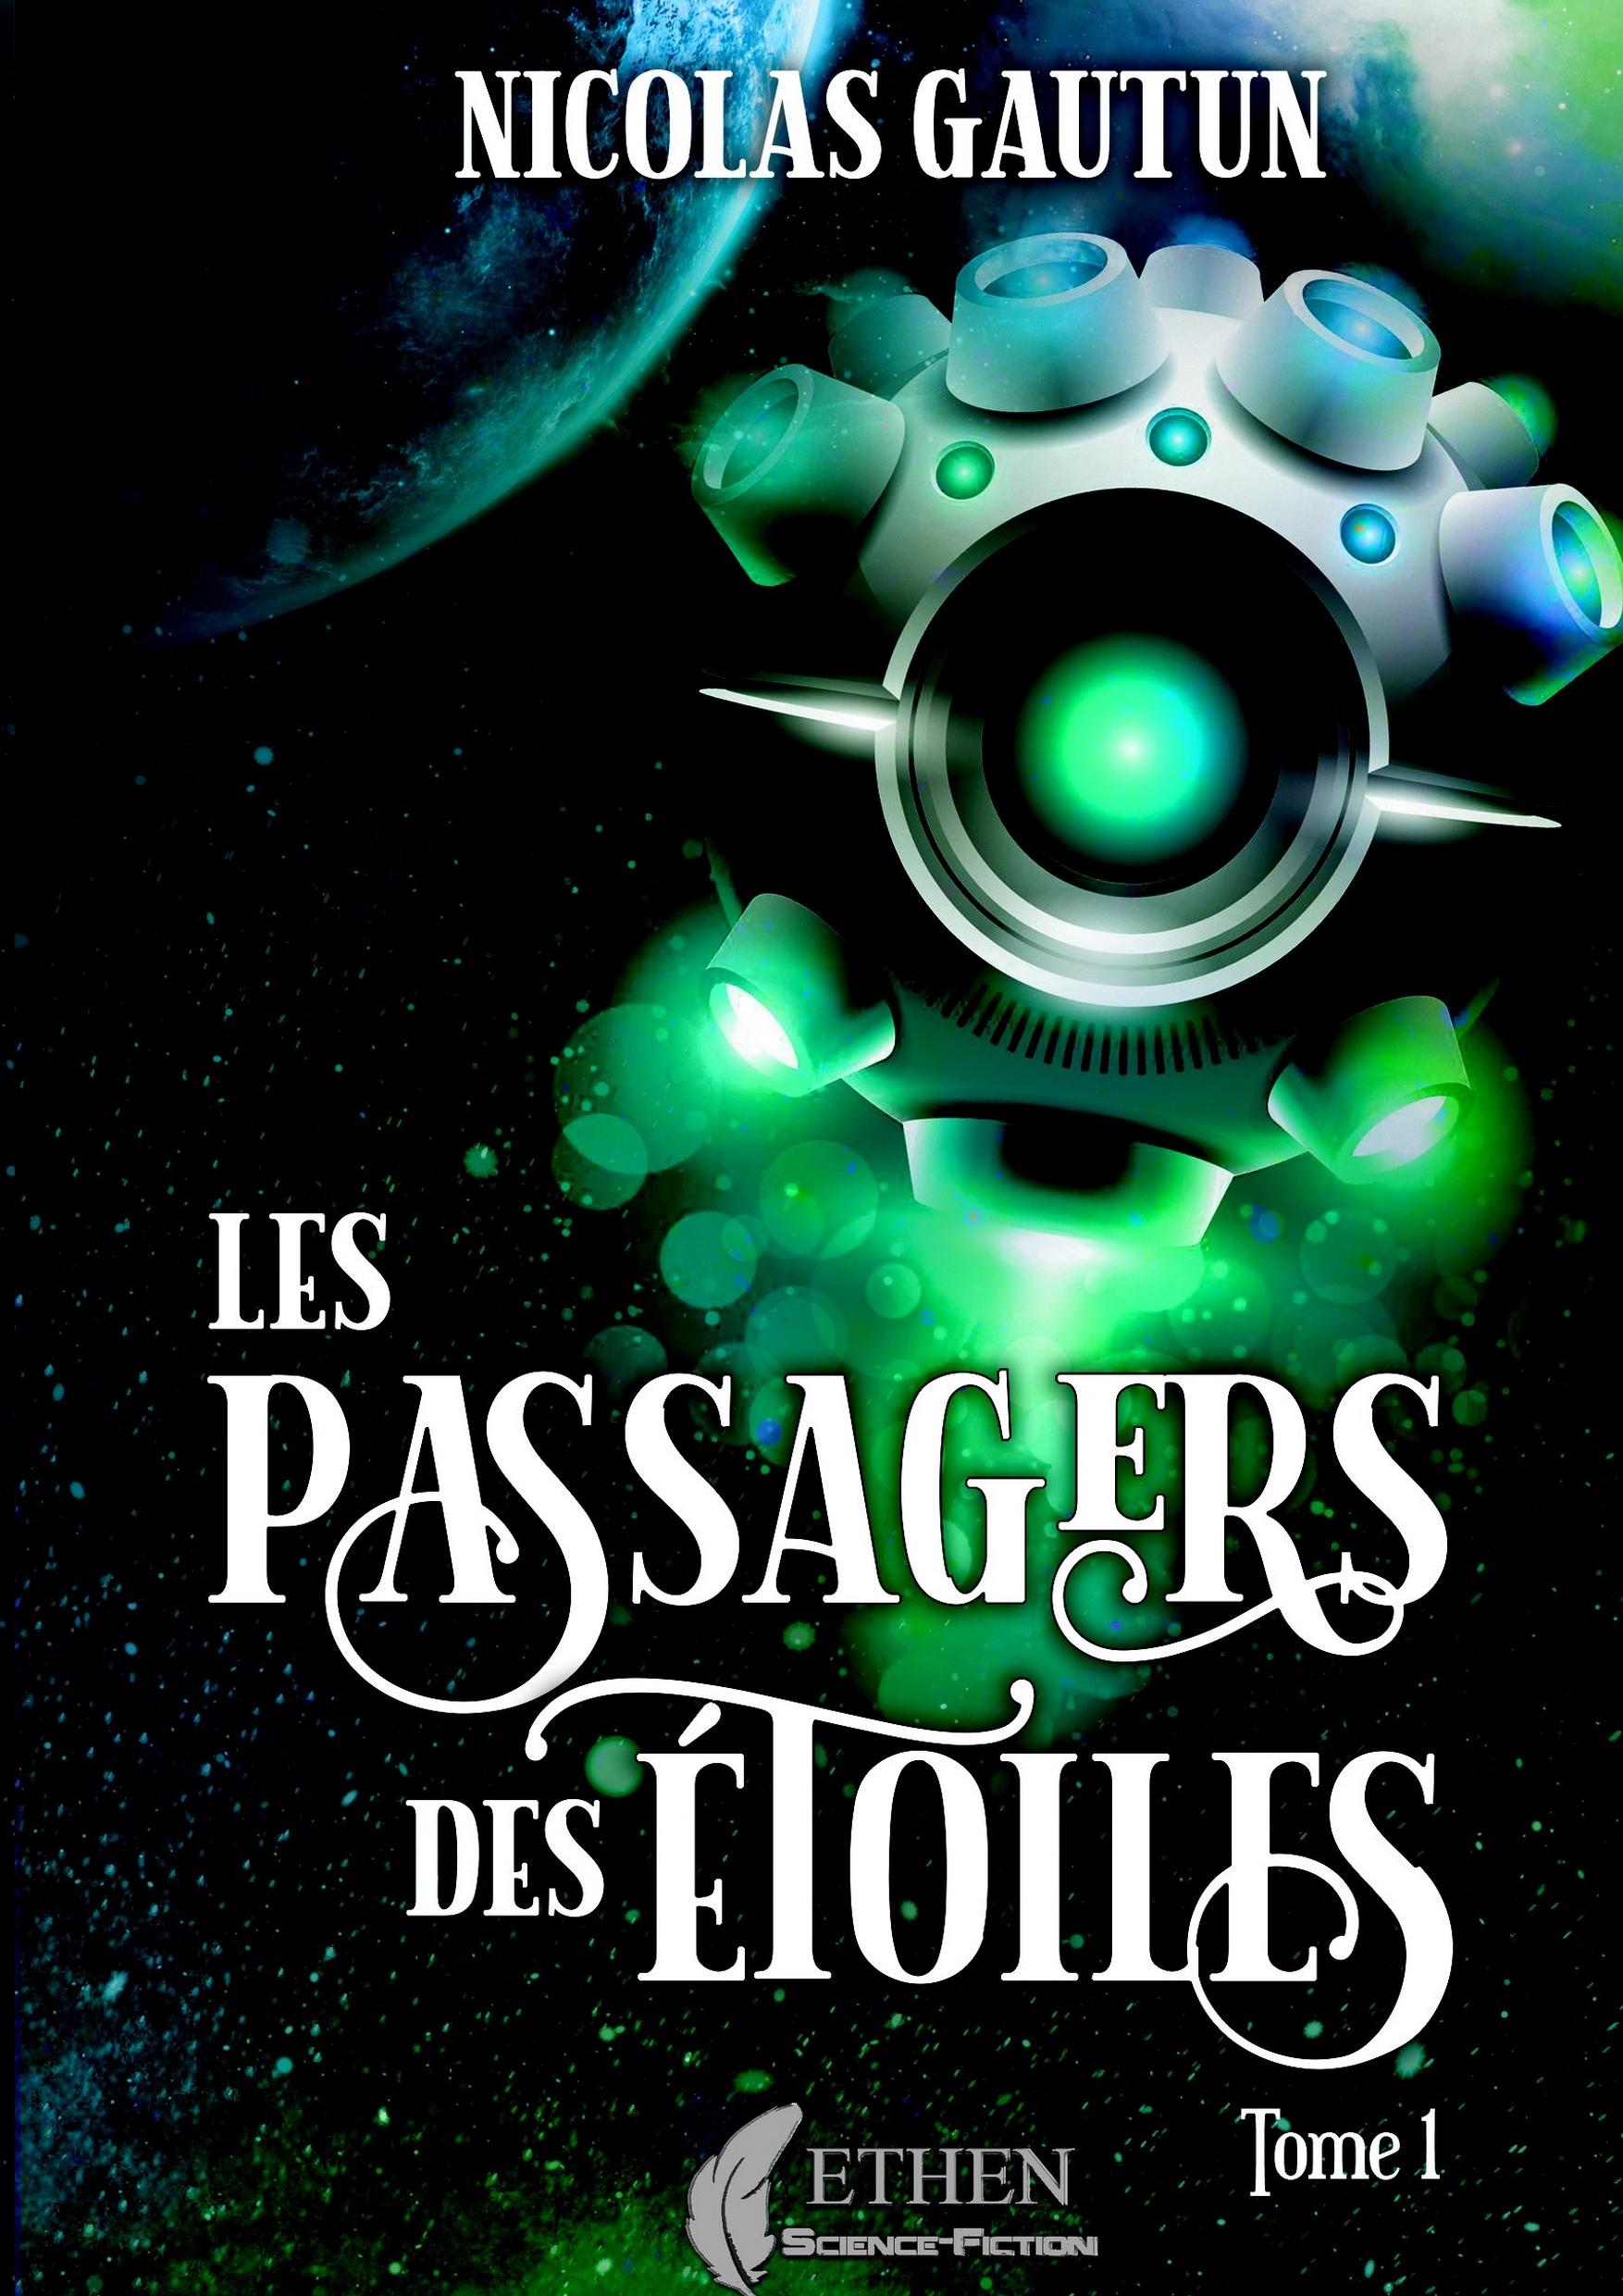 Les passagers des étoiles